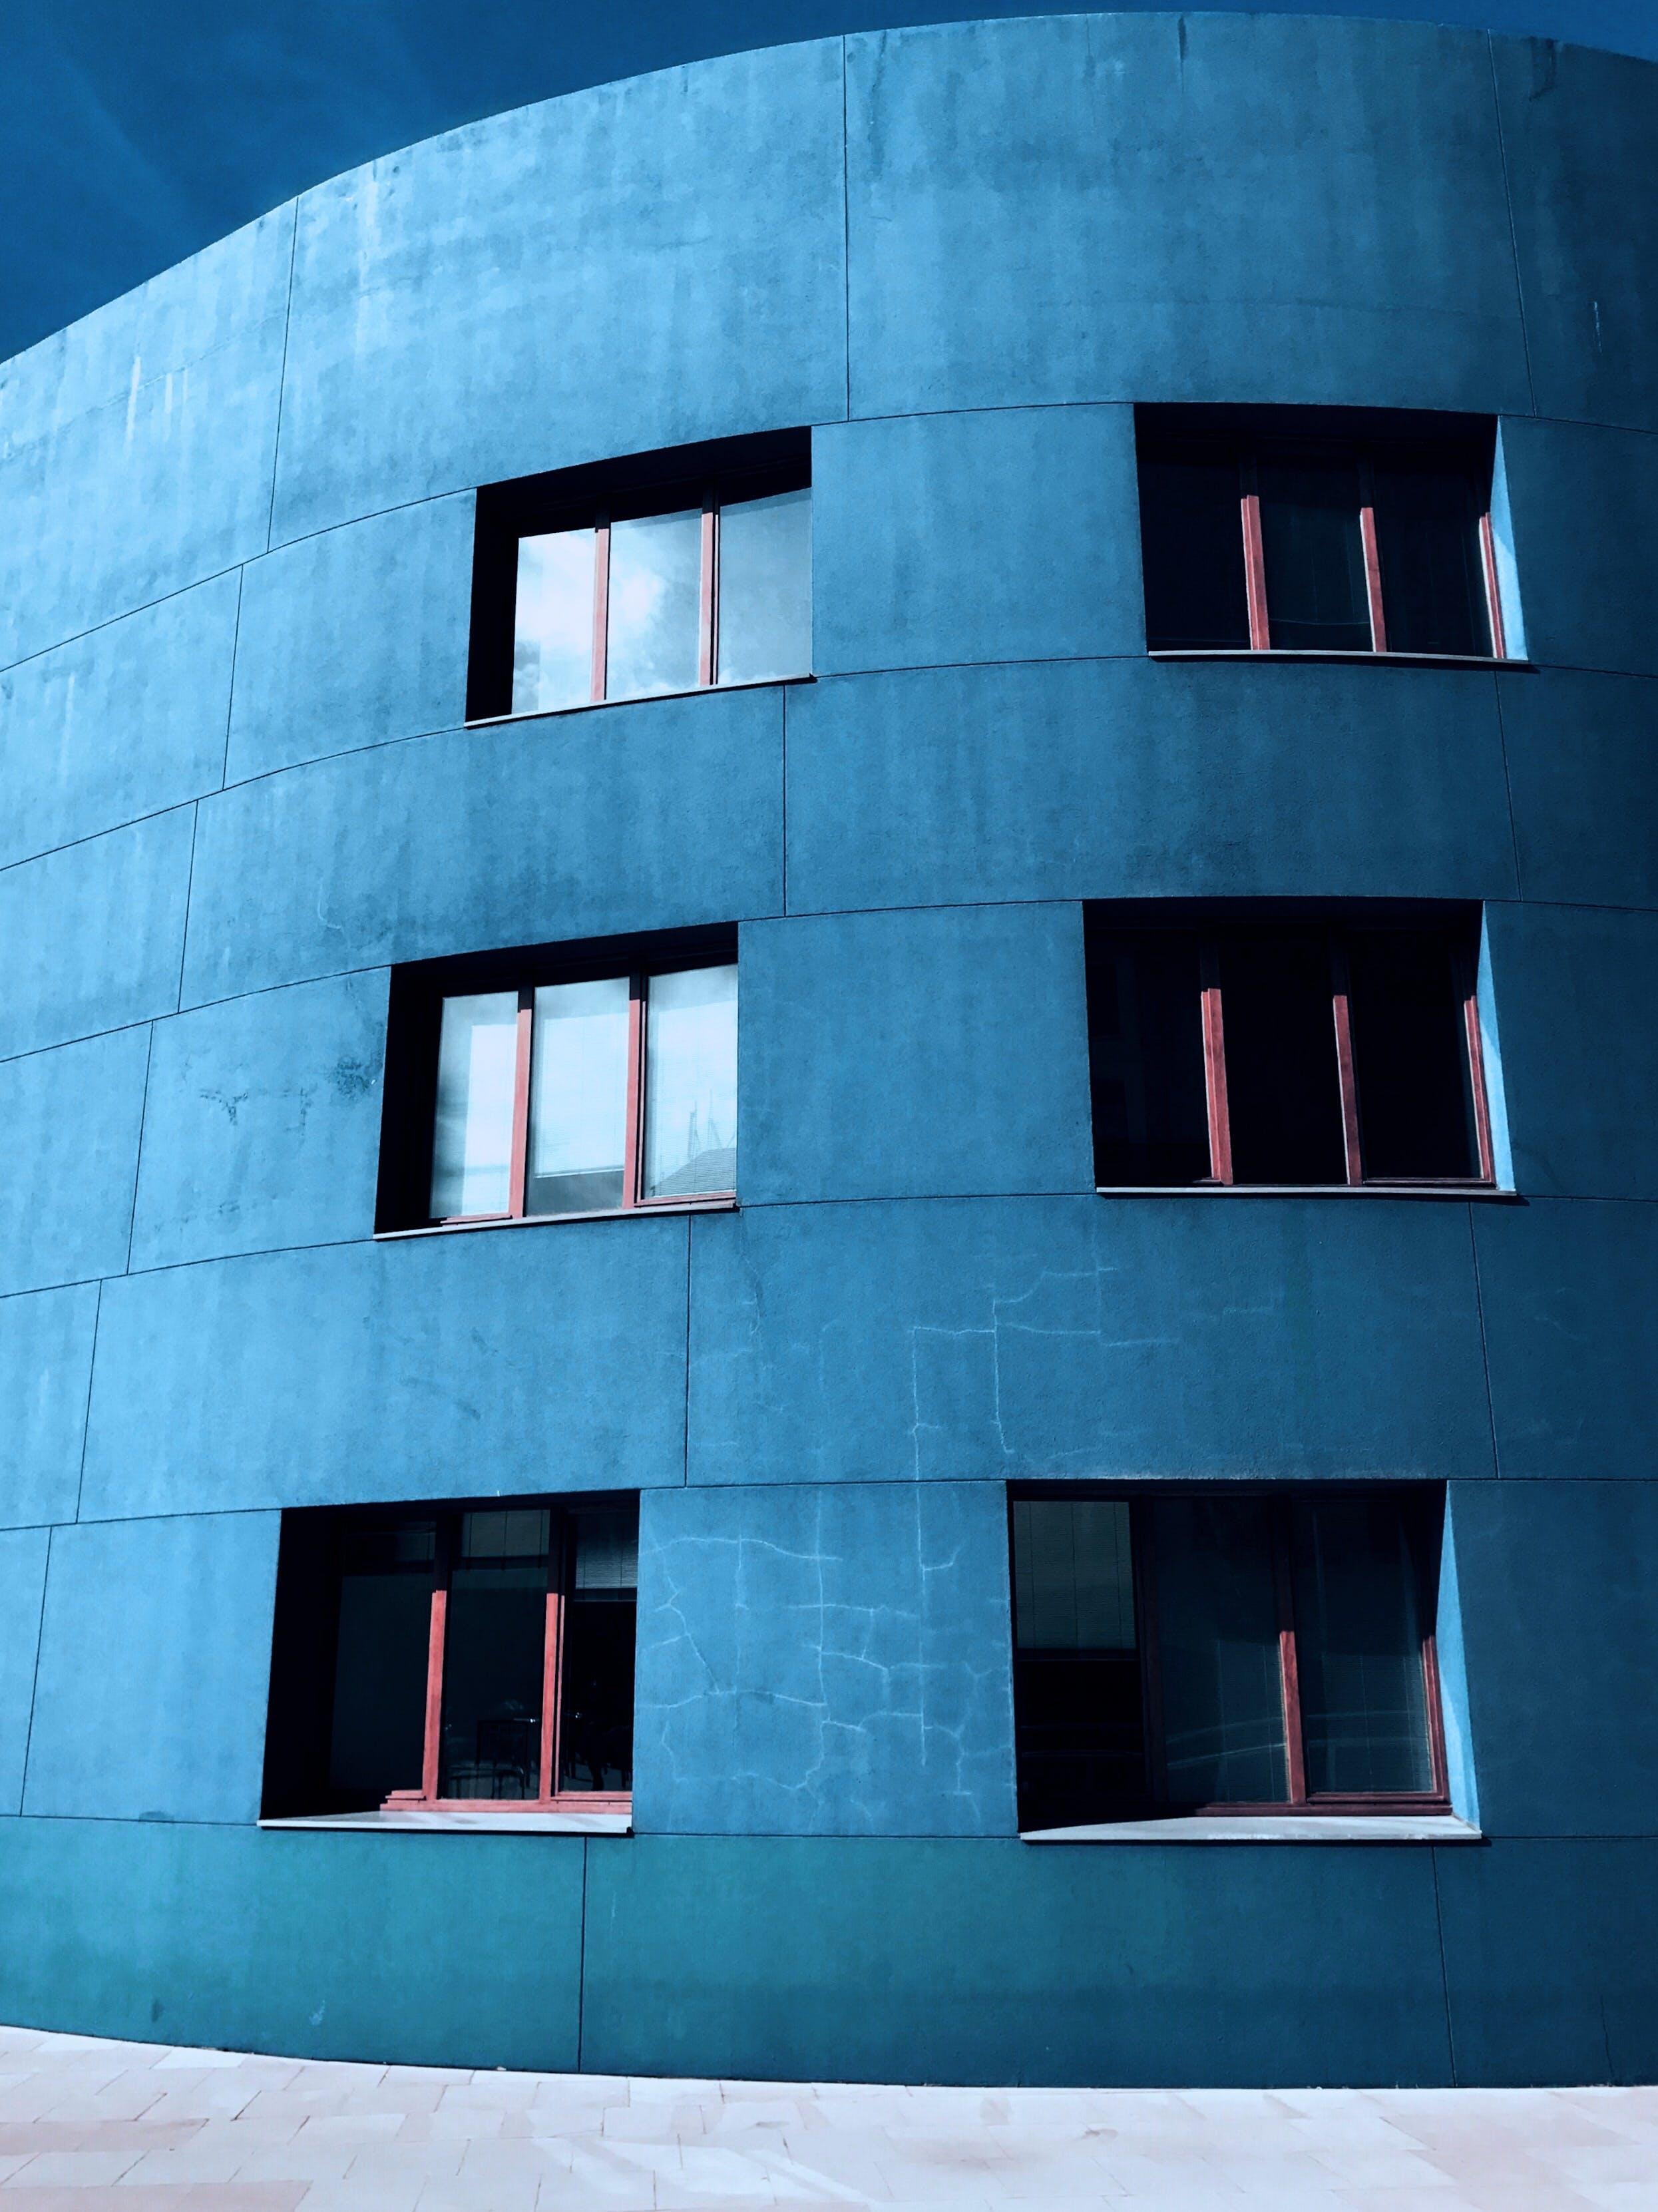 コンクリート構造, コンテンポラリー, 建物の外観, 建築の無料の写真素材